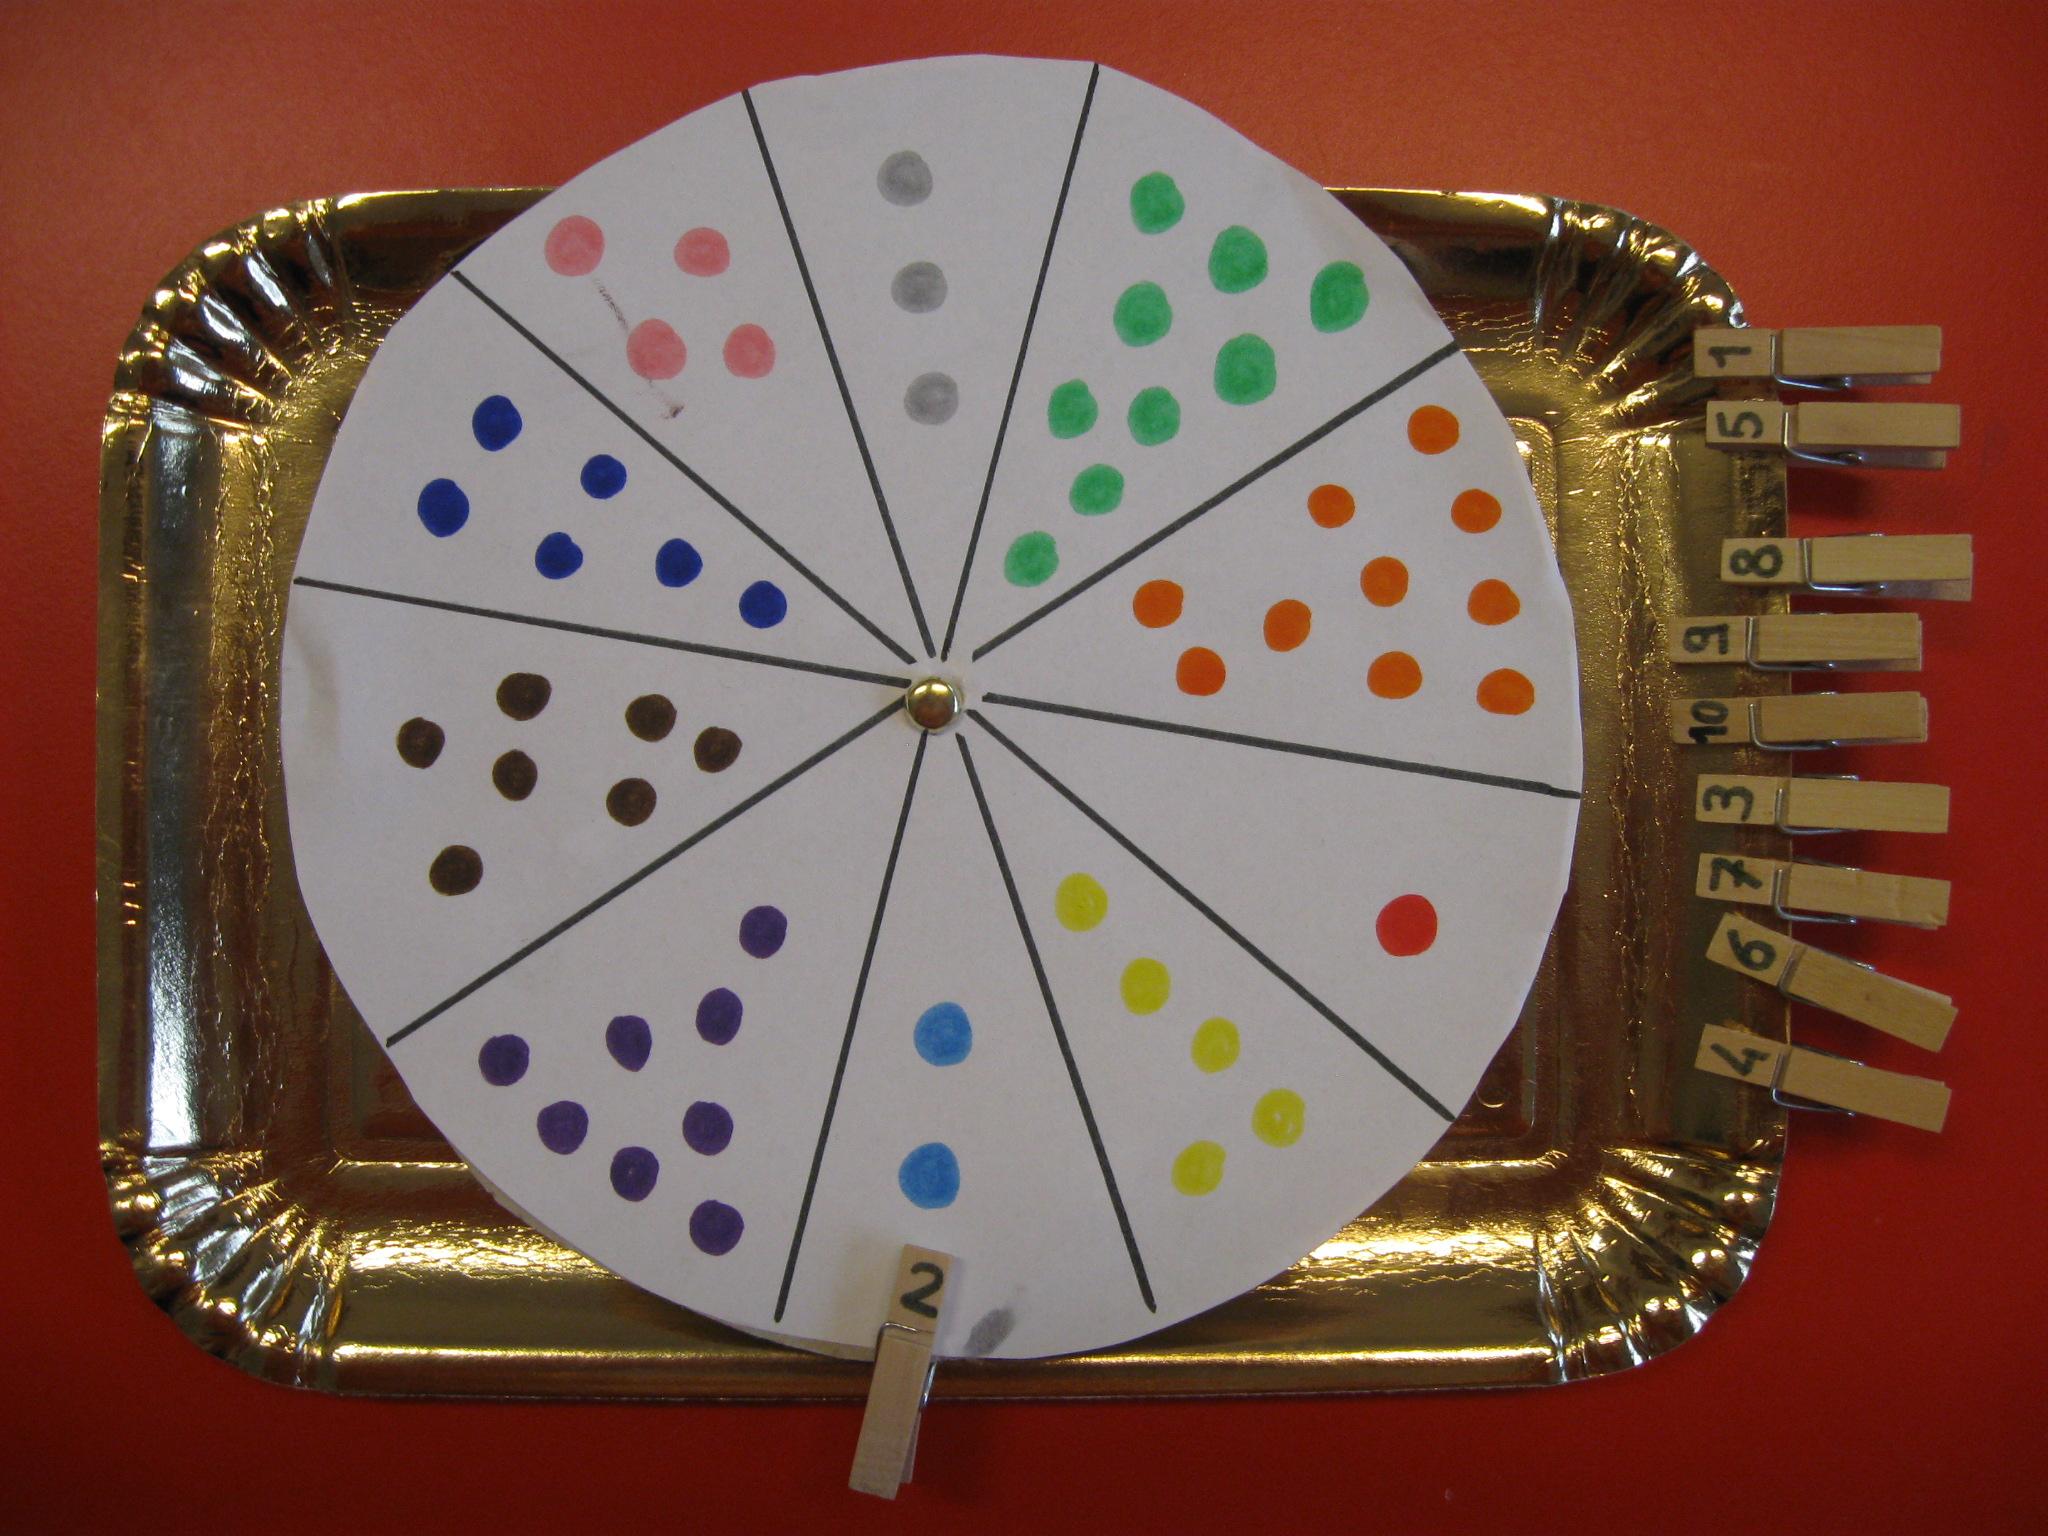 Ruota in cartone divisa in spicchi: in ogni spicchio è disegnato un diverso numero di pallini colorati. A fianco, mollette con scritti i numeri da 1 a 9.